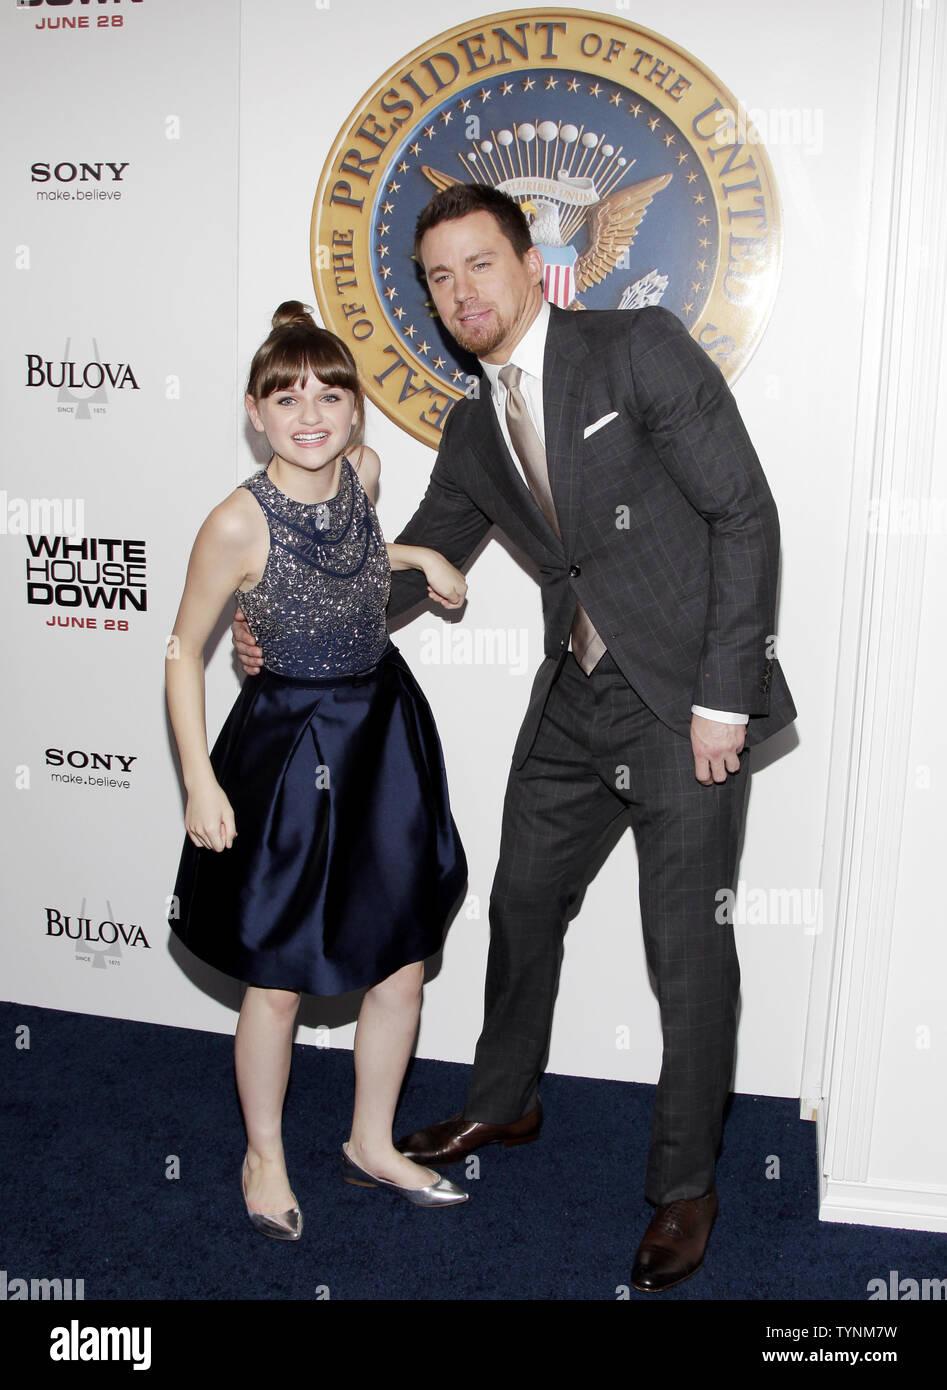 Joey König und Channing Tatum ankommen auf dem roten Teppich bei der Premiere von 'Weißen Haus' im Ziegfeld Theatre in New York City am 25. Juni 2013. UPI/John angelillo Stockbild